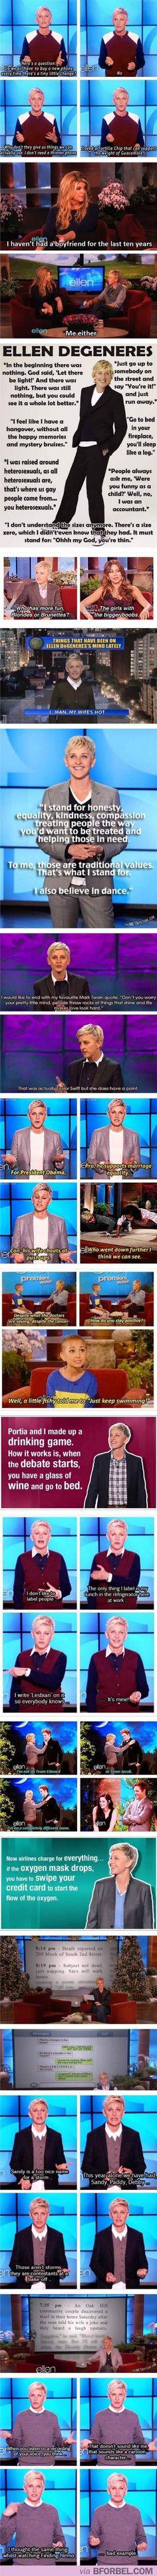 Best of Ellen Degeneres! I LOVE her!